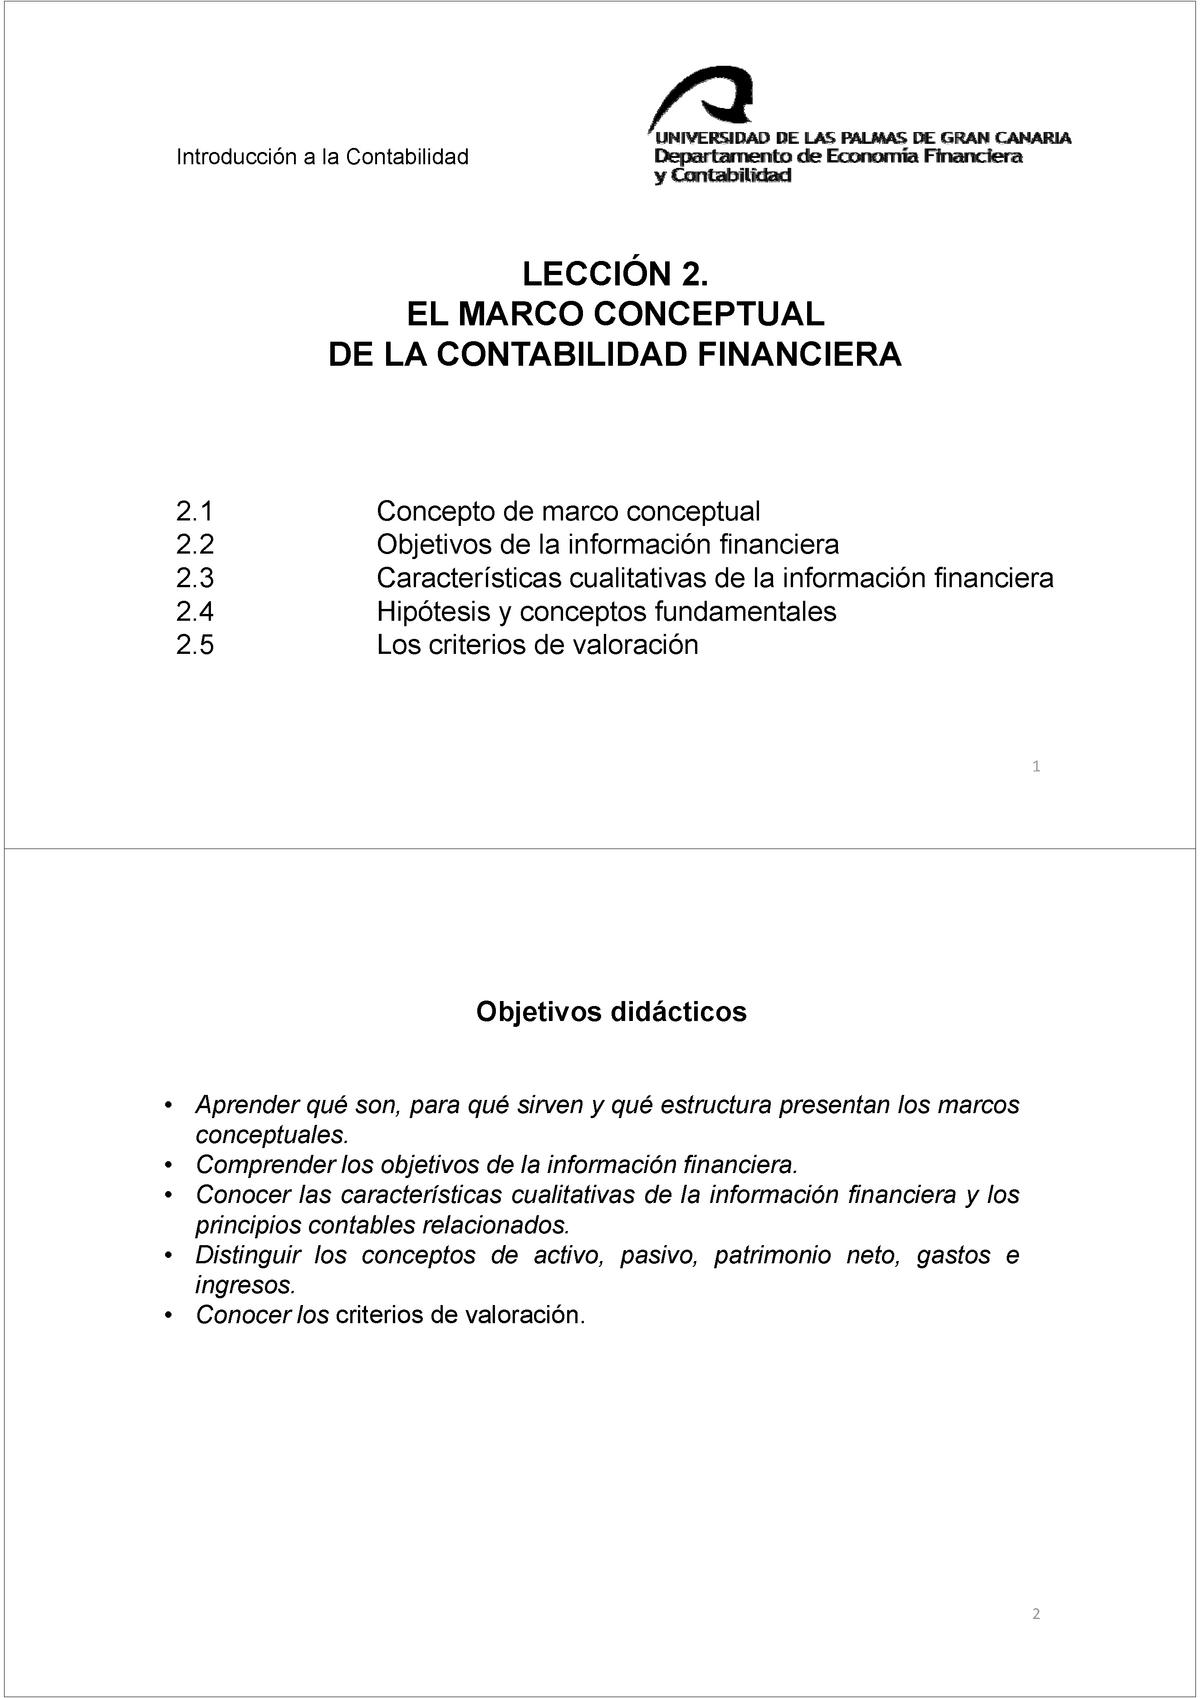 Tema 2 De Contabilidad 40506 Ulpgc Studocu